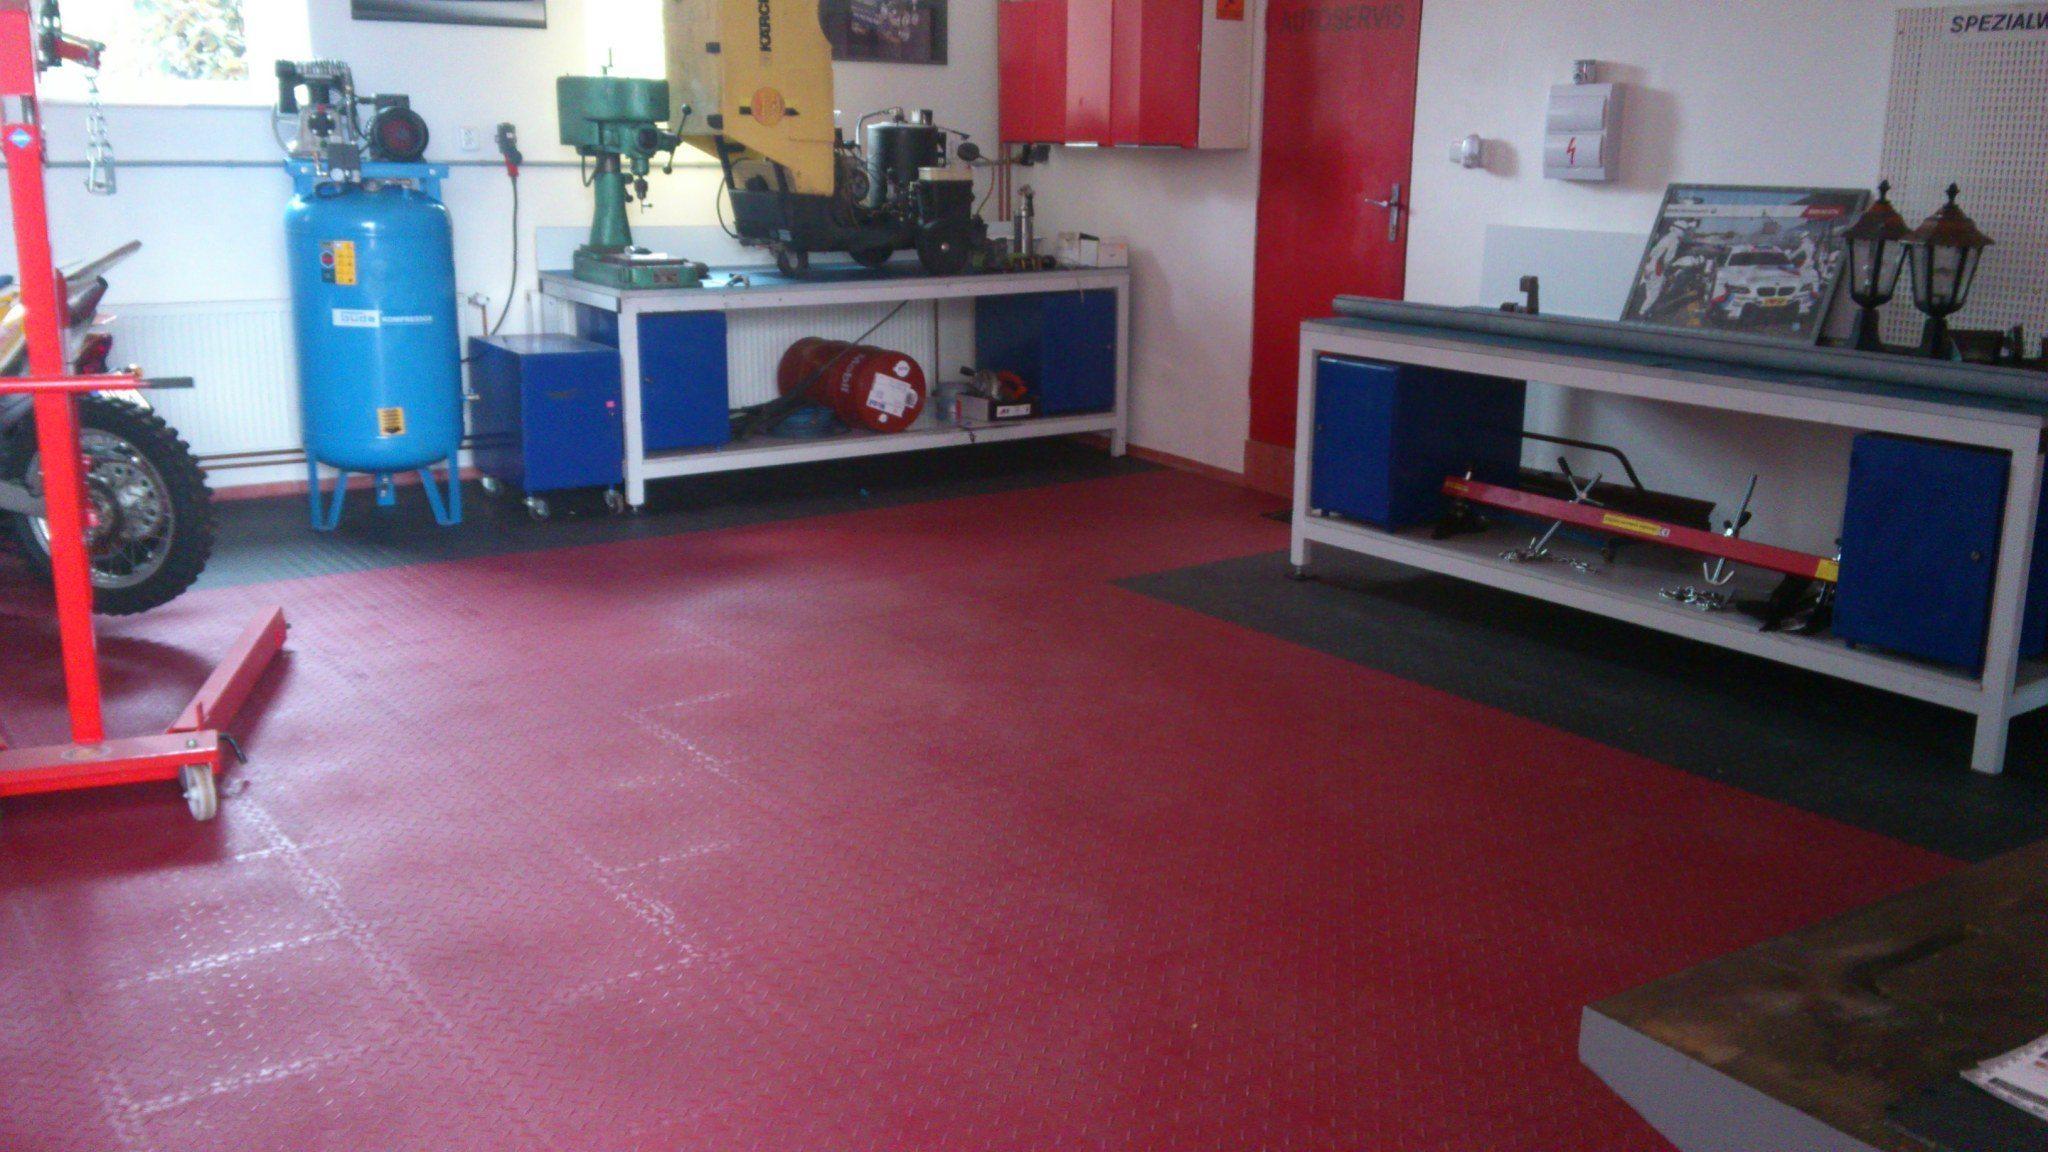 Der PVC-Boden in der Garage, die Aufrüstung der Garage zur Höhle des Mannes